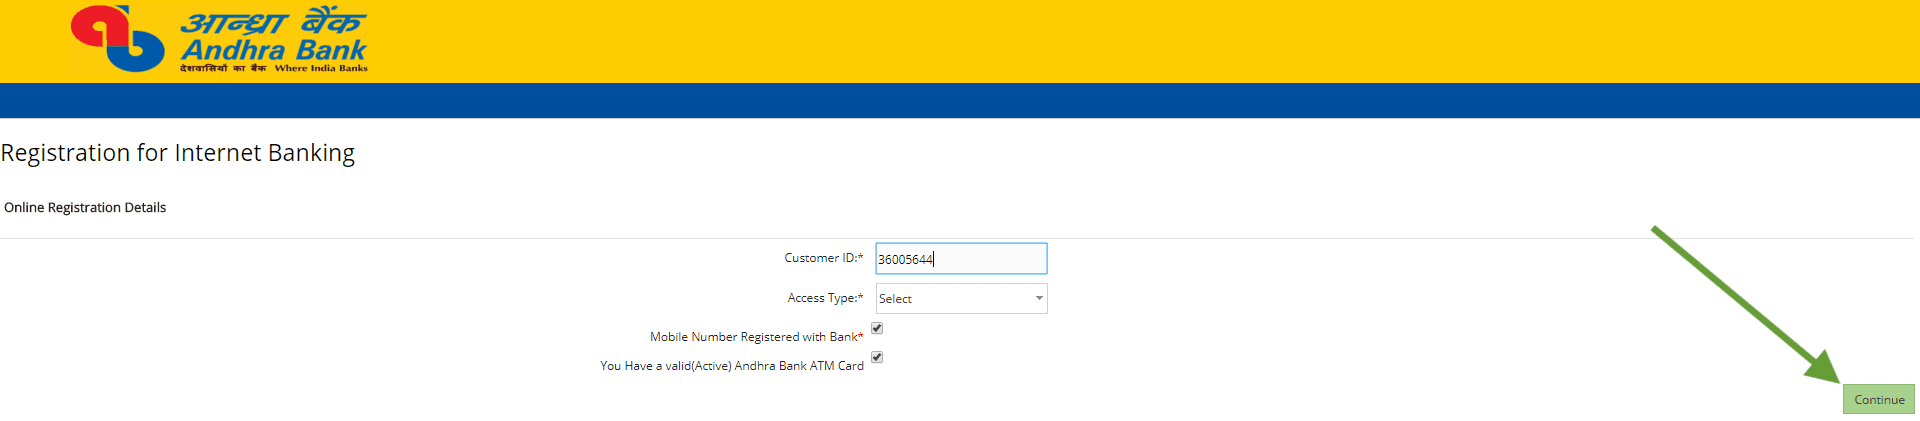 online registration details Andhra bank net banking